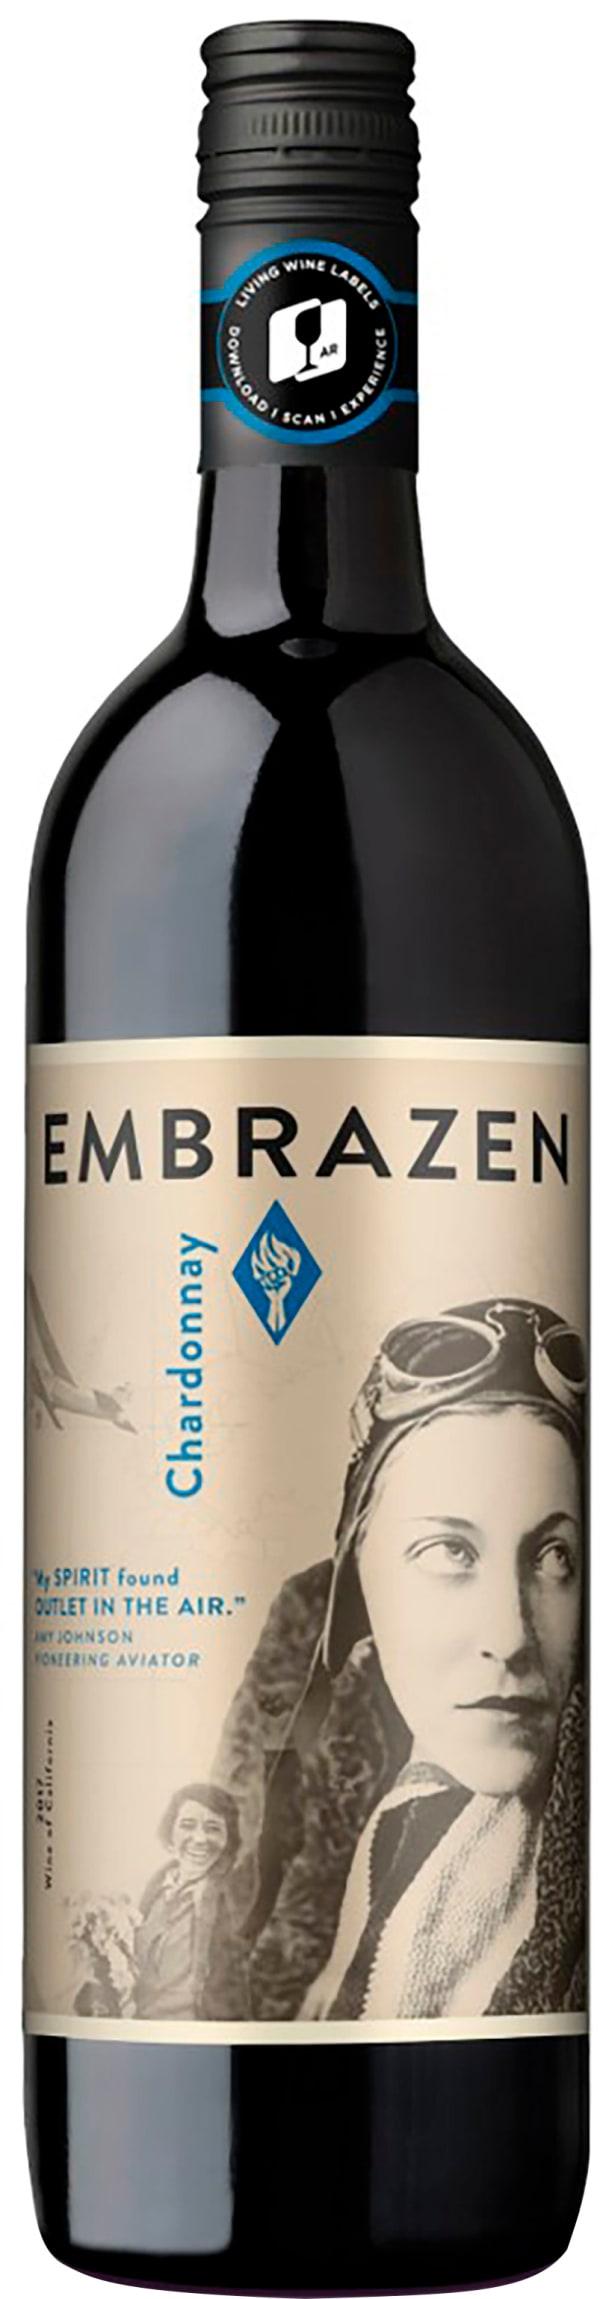 Embrazen Chardonnay 2017